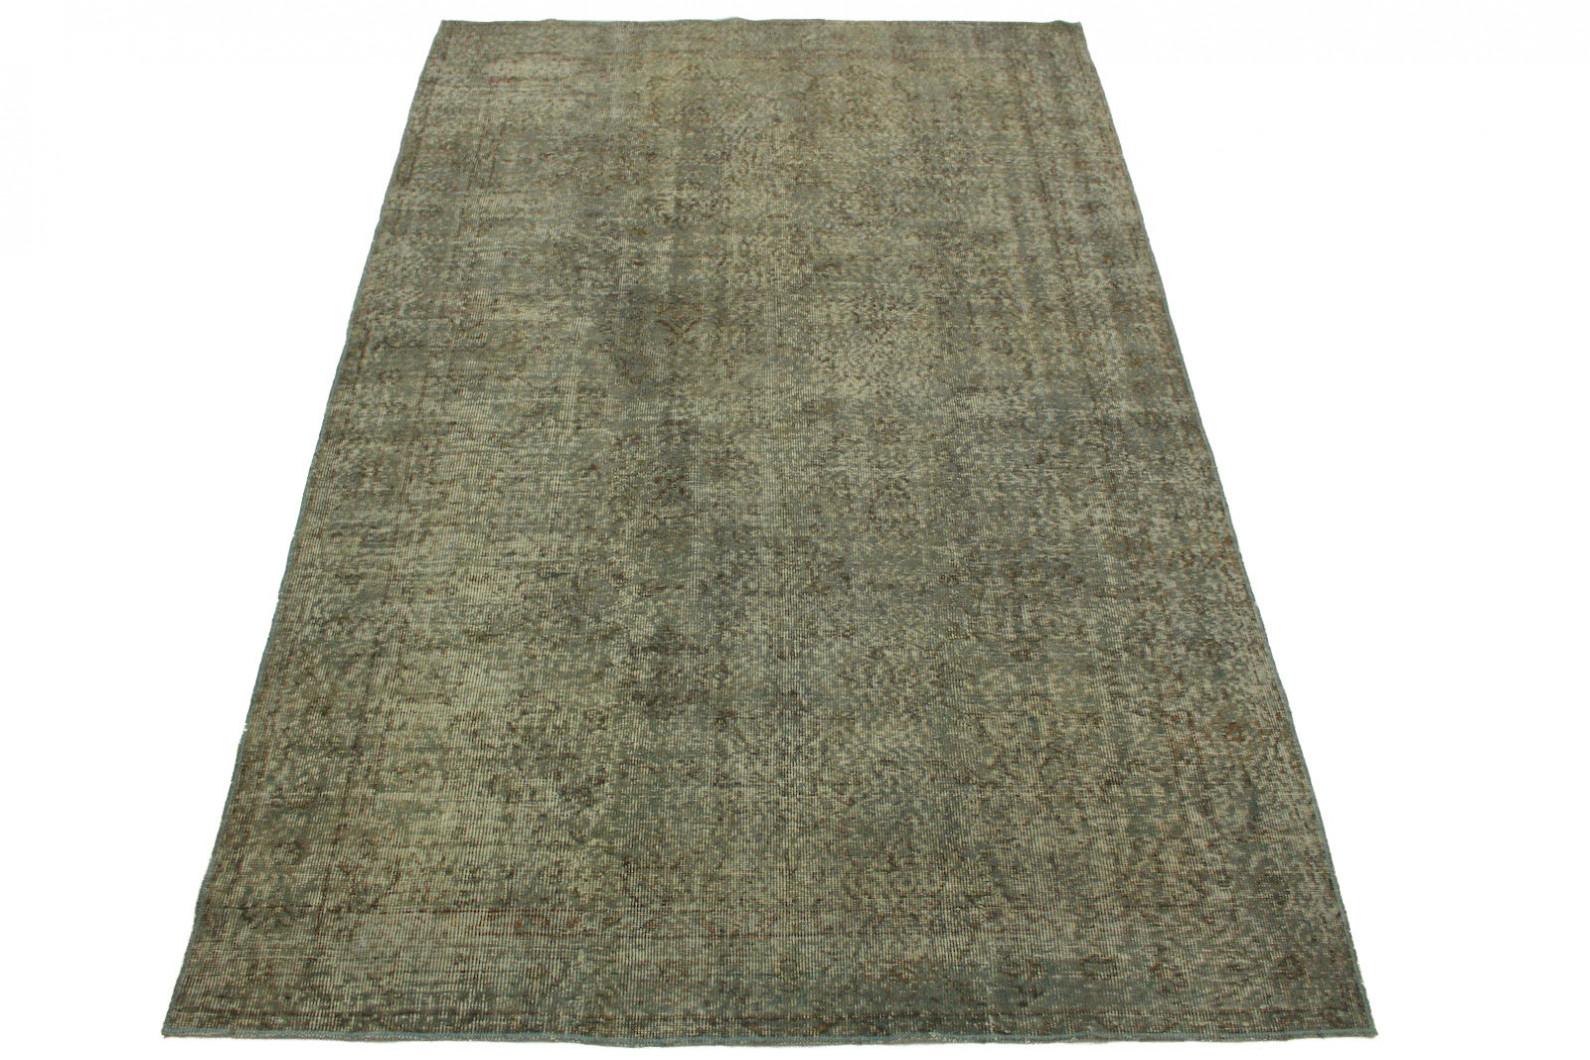 vintage teppich grau in 290x180cm 1011 2908 bei kaufen. Black Bedroom Furniture Sets. Home Design Ideas